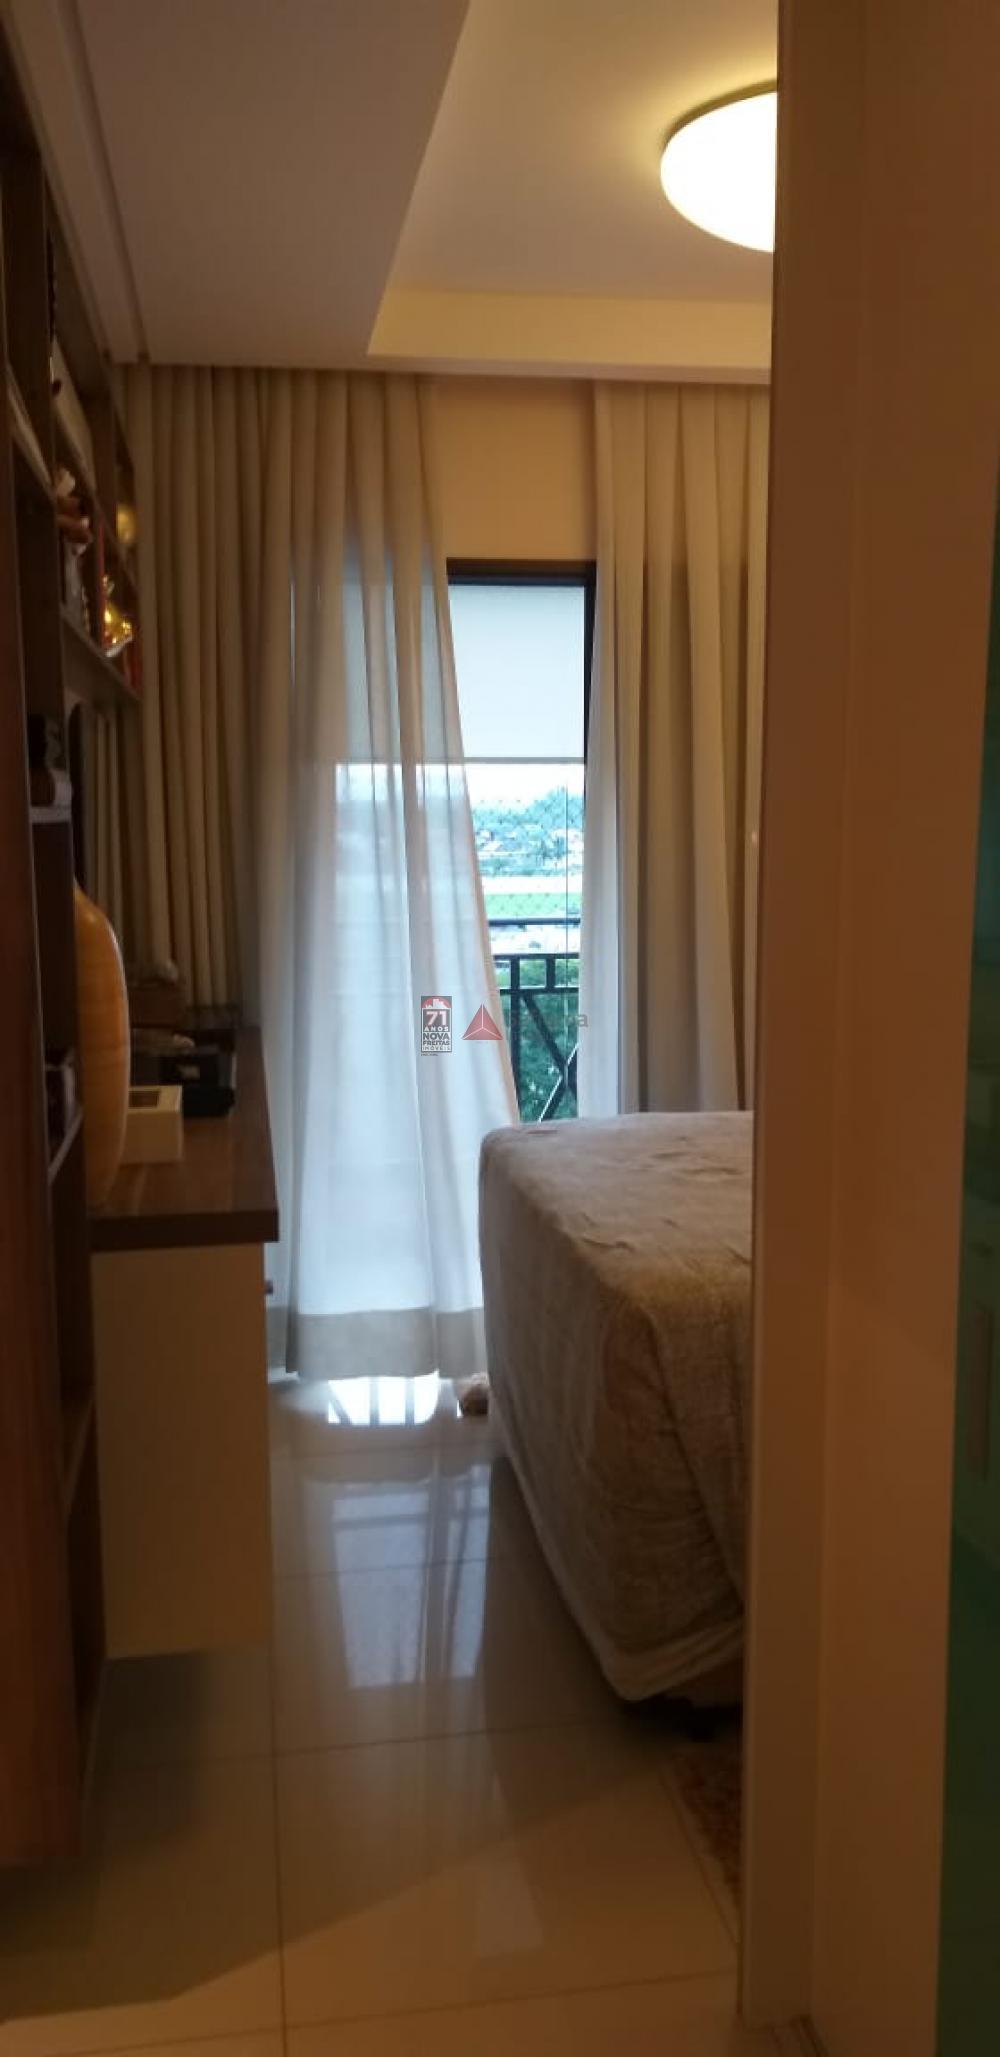 Comprar Apartamento / Padrão em São José dos Campos R$ 930.000,00 - Foto 11